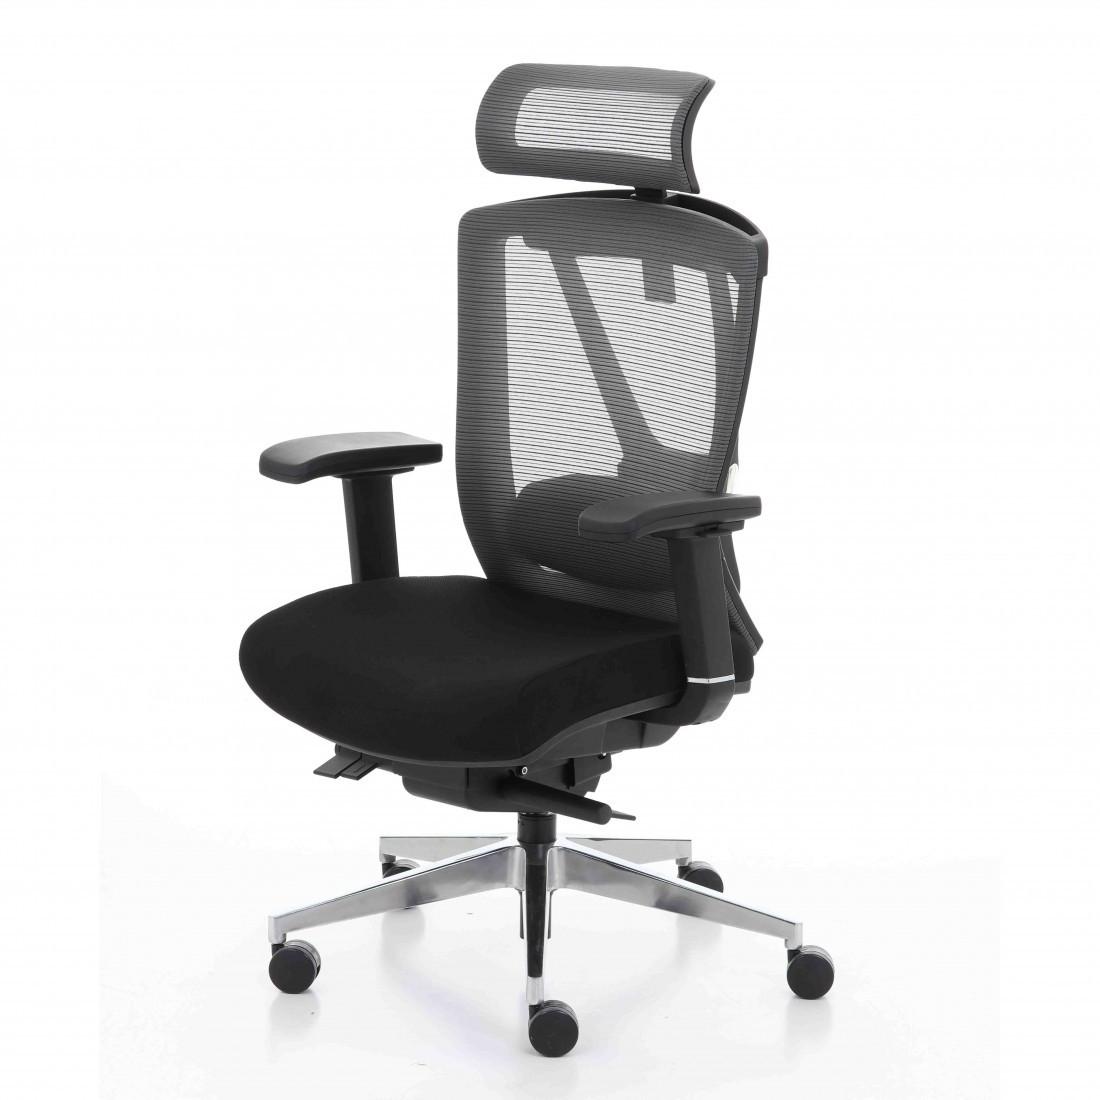 Кресло компьютерное с подголовником Enrandnepr ERGO CHAIR 2 black